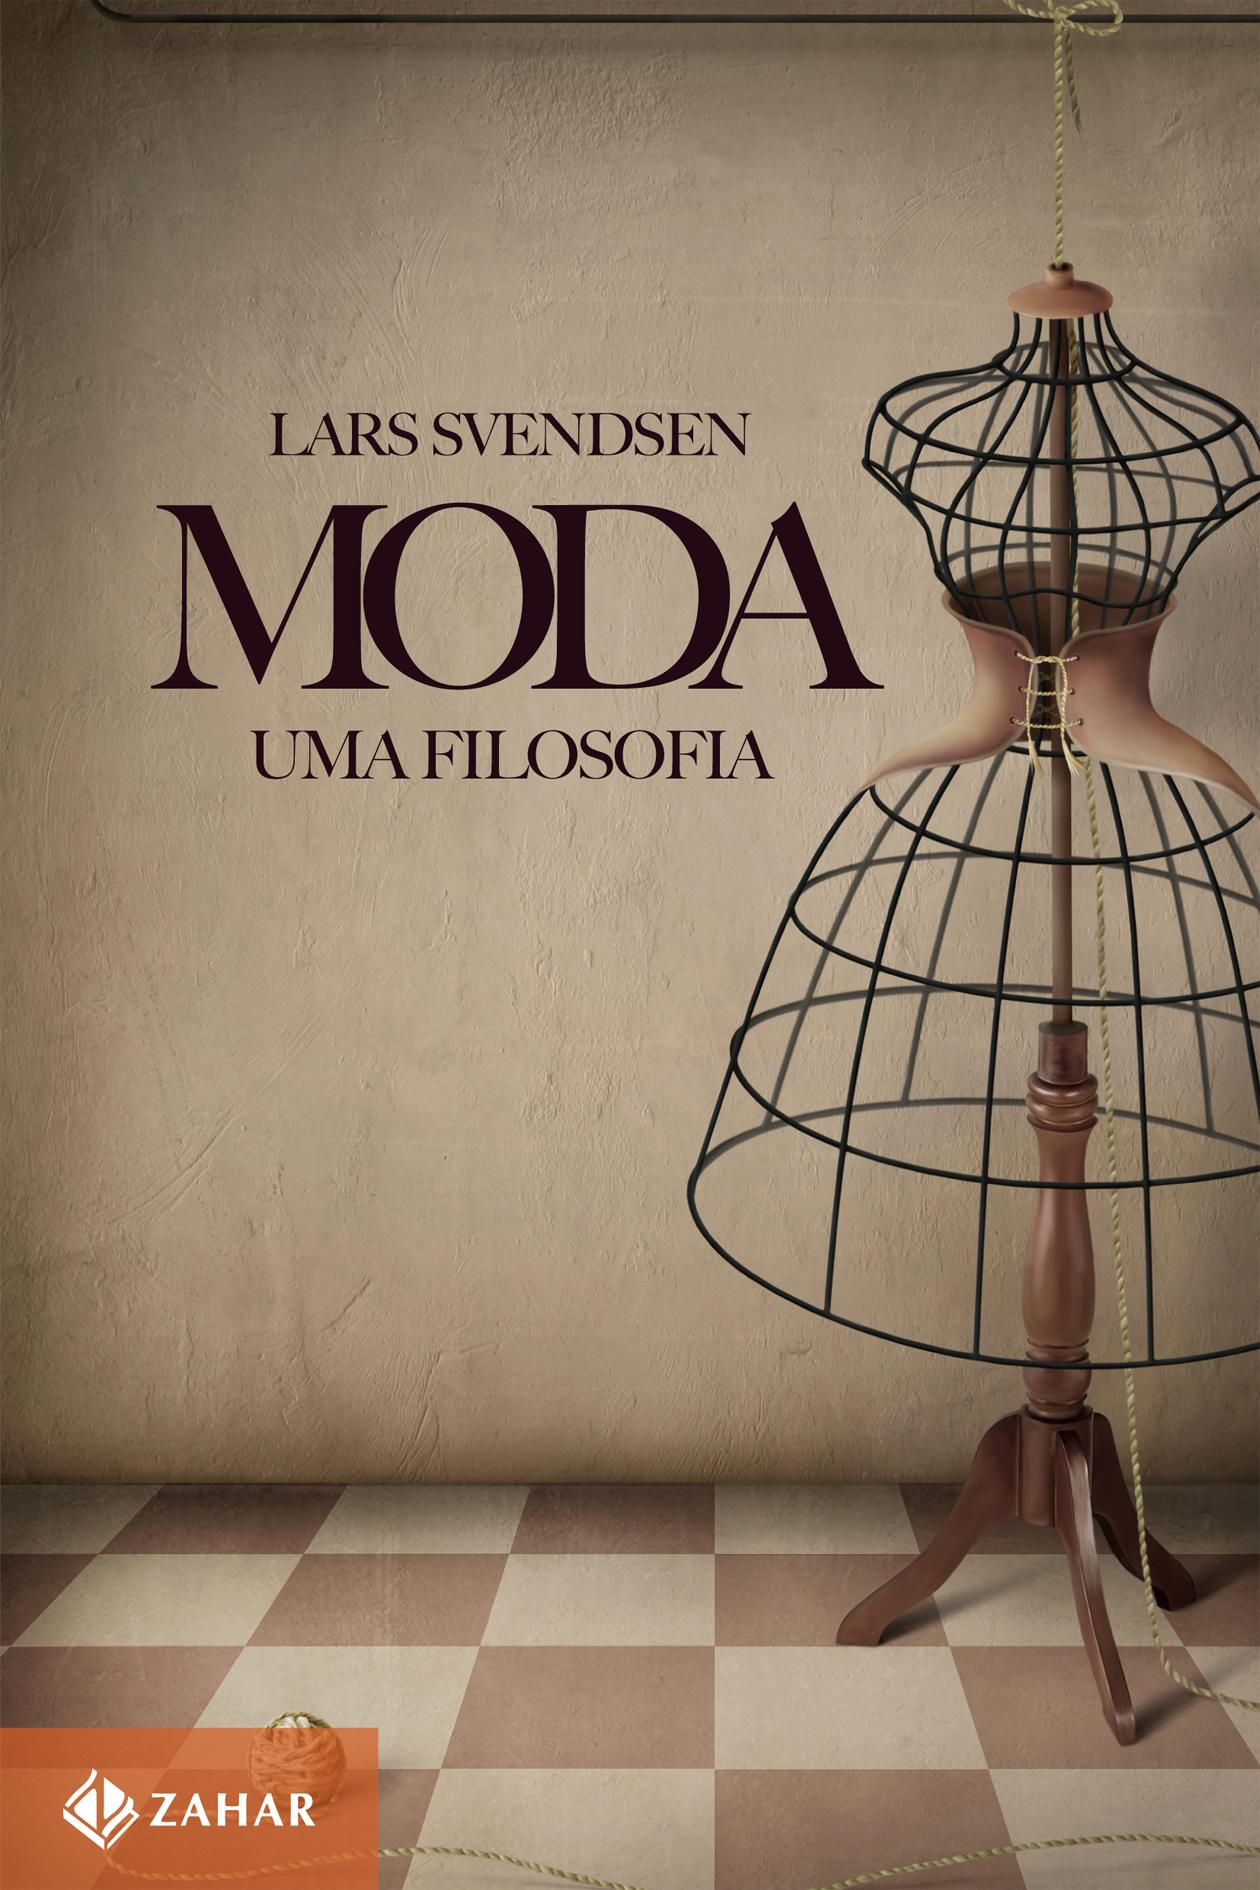 Imagem: Capa do livro Moda Uma Filosofia de Lars Svendsen